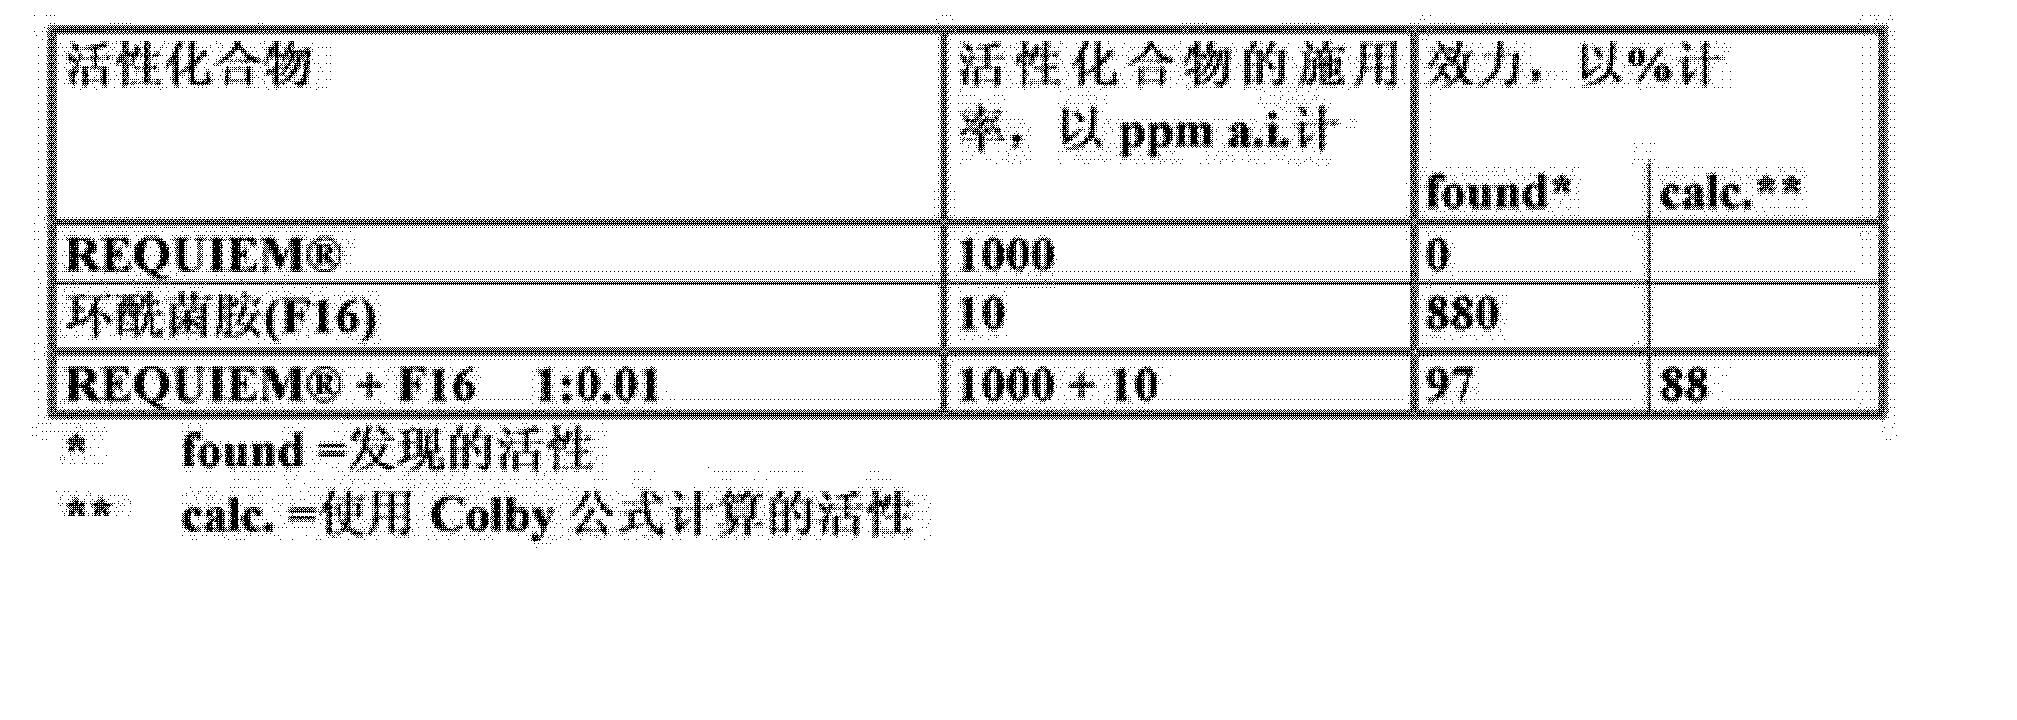 CN104703473A - Composition comprising a pesticidal terpene